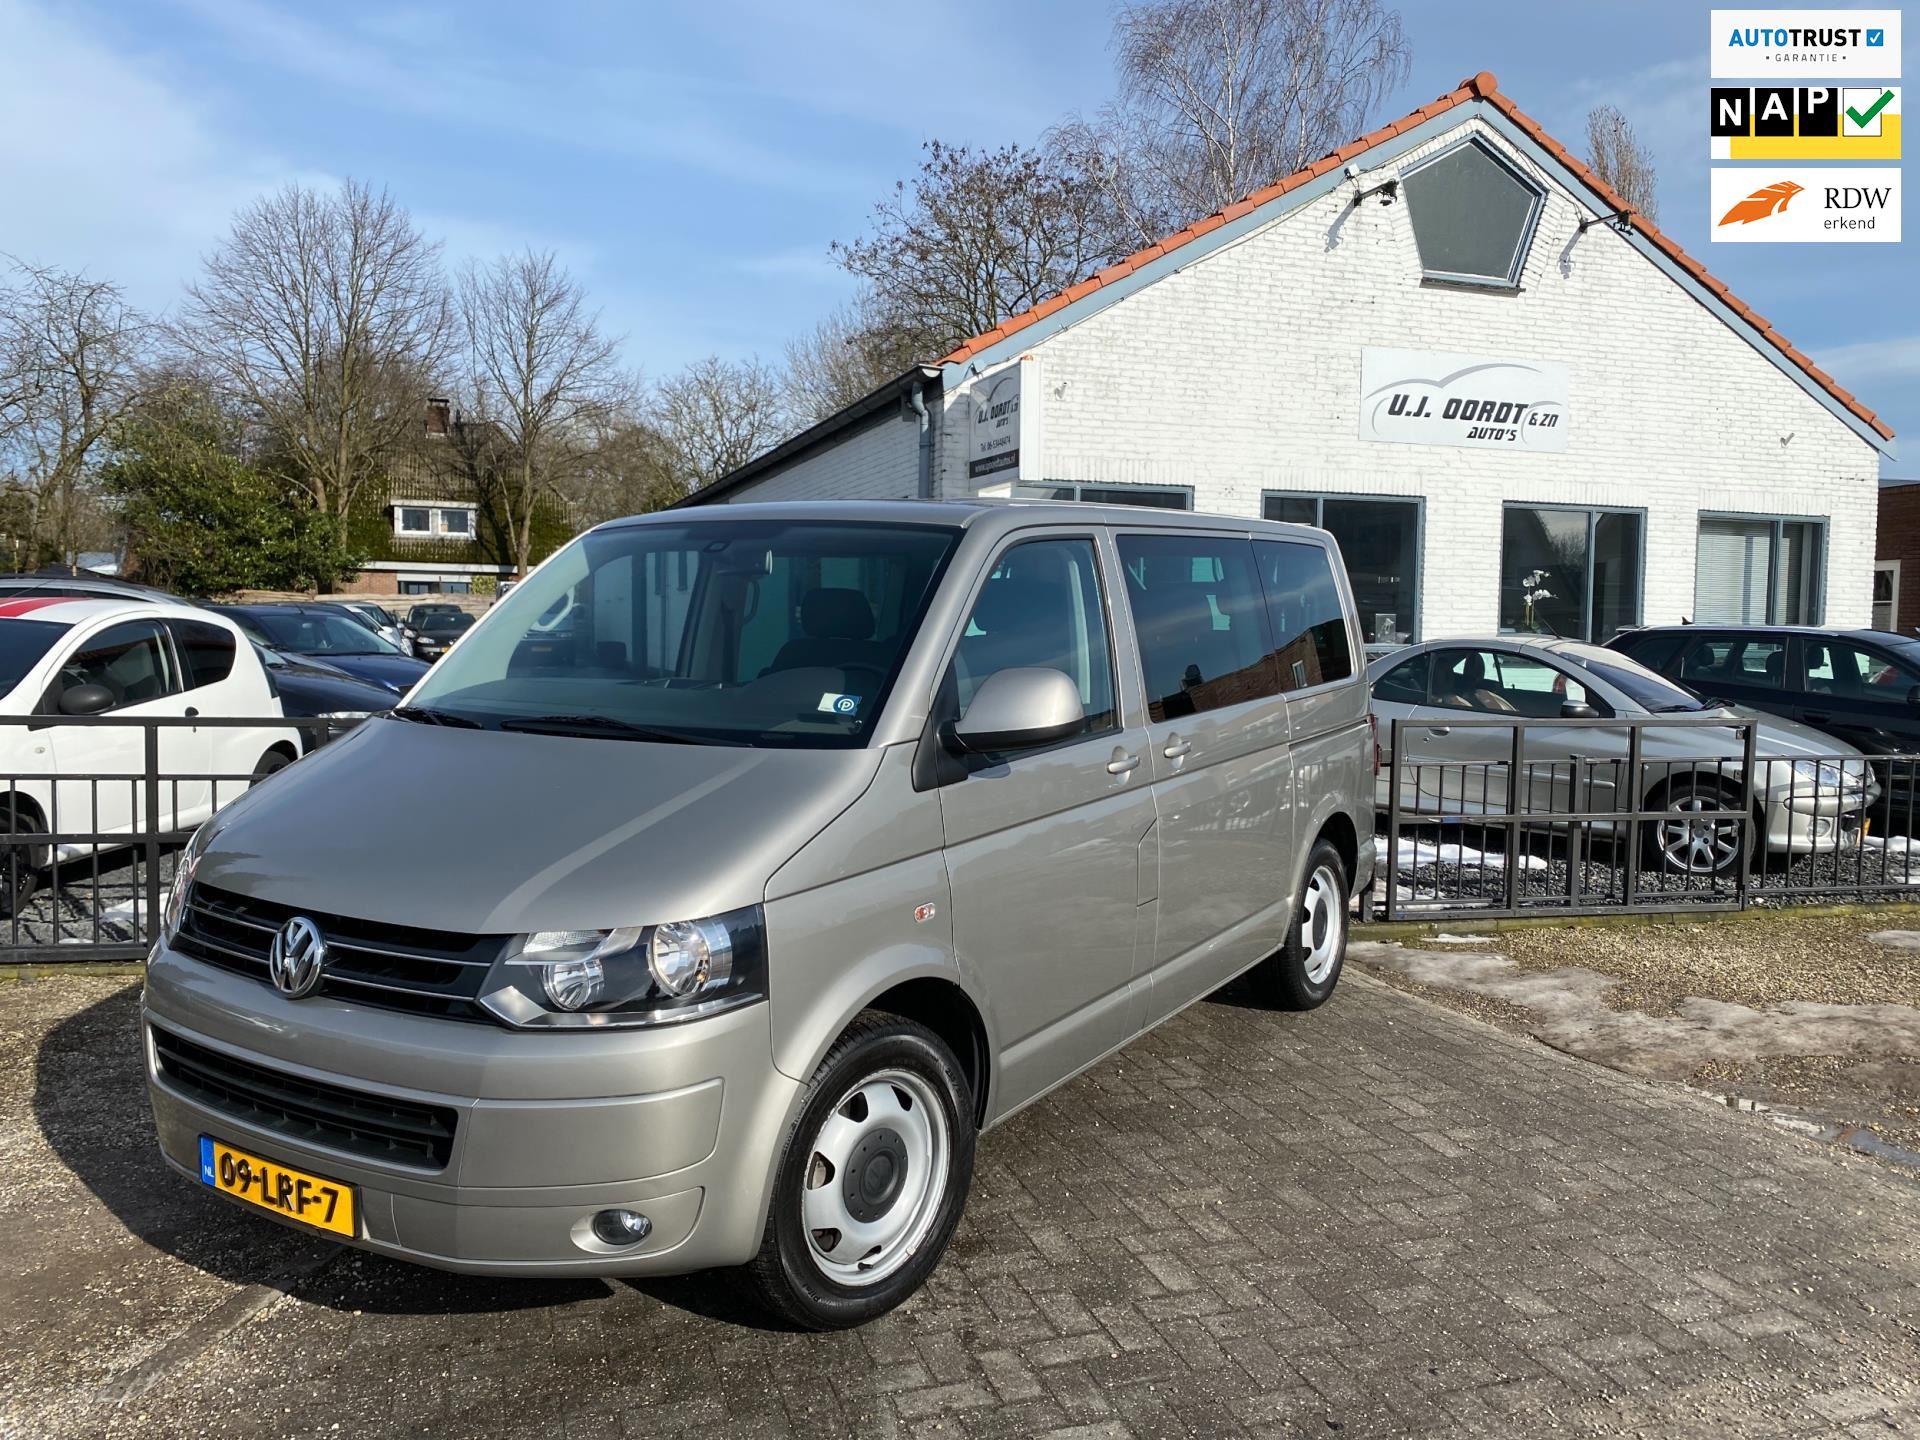 Volkswagen Transporter Kombi occasion - U.J. Oordt Auto's